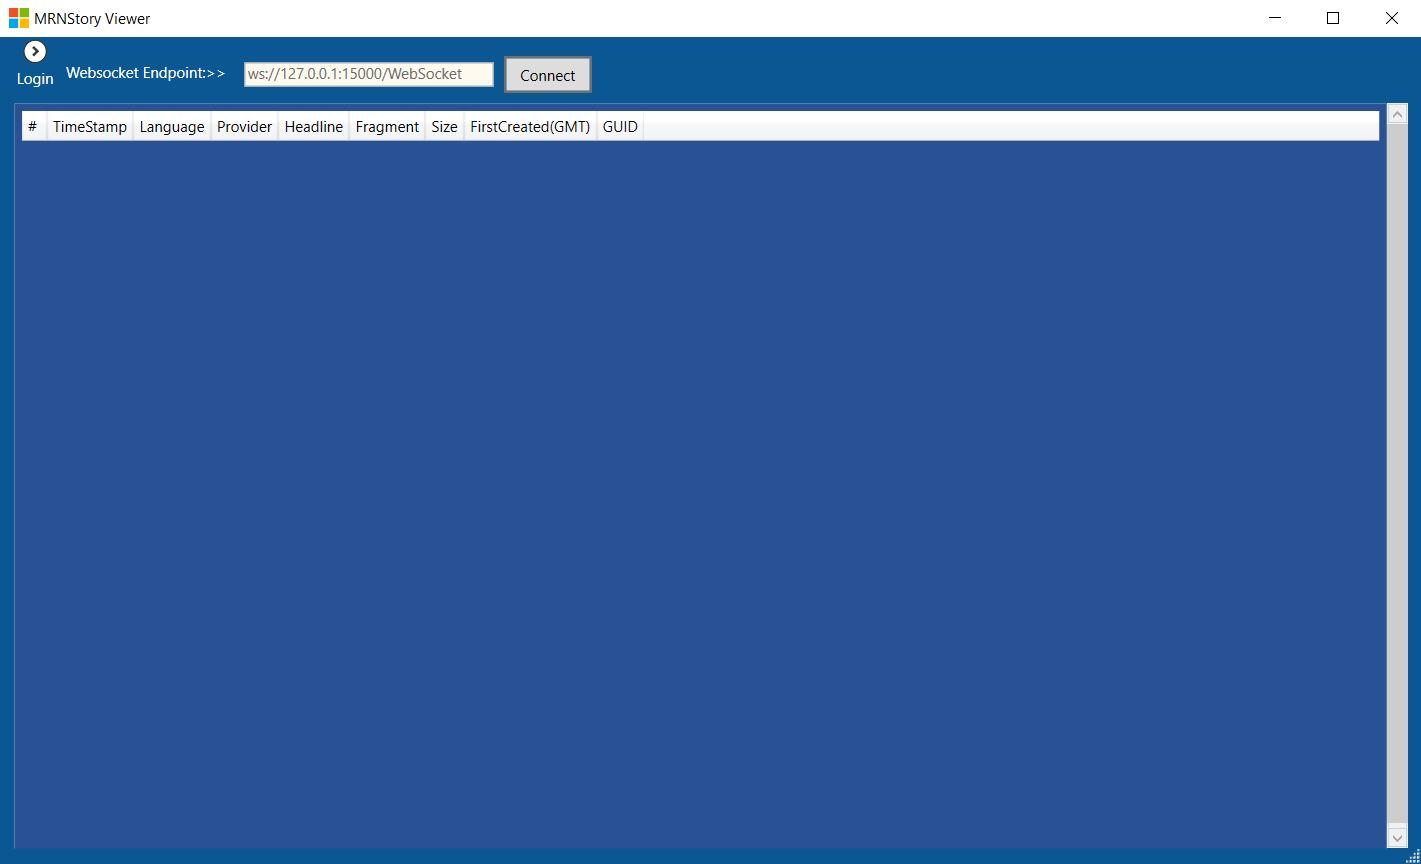 MRNWebSocketViewerApp2